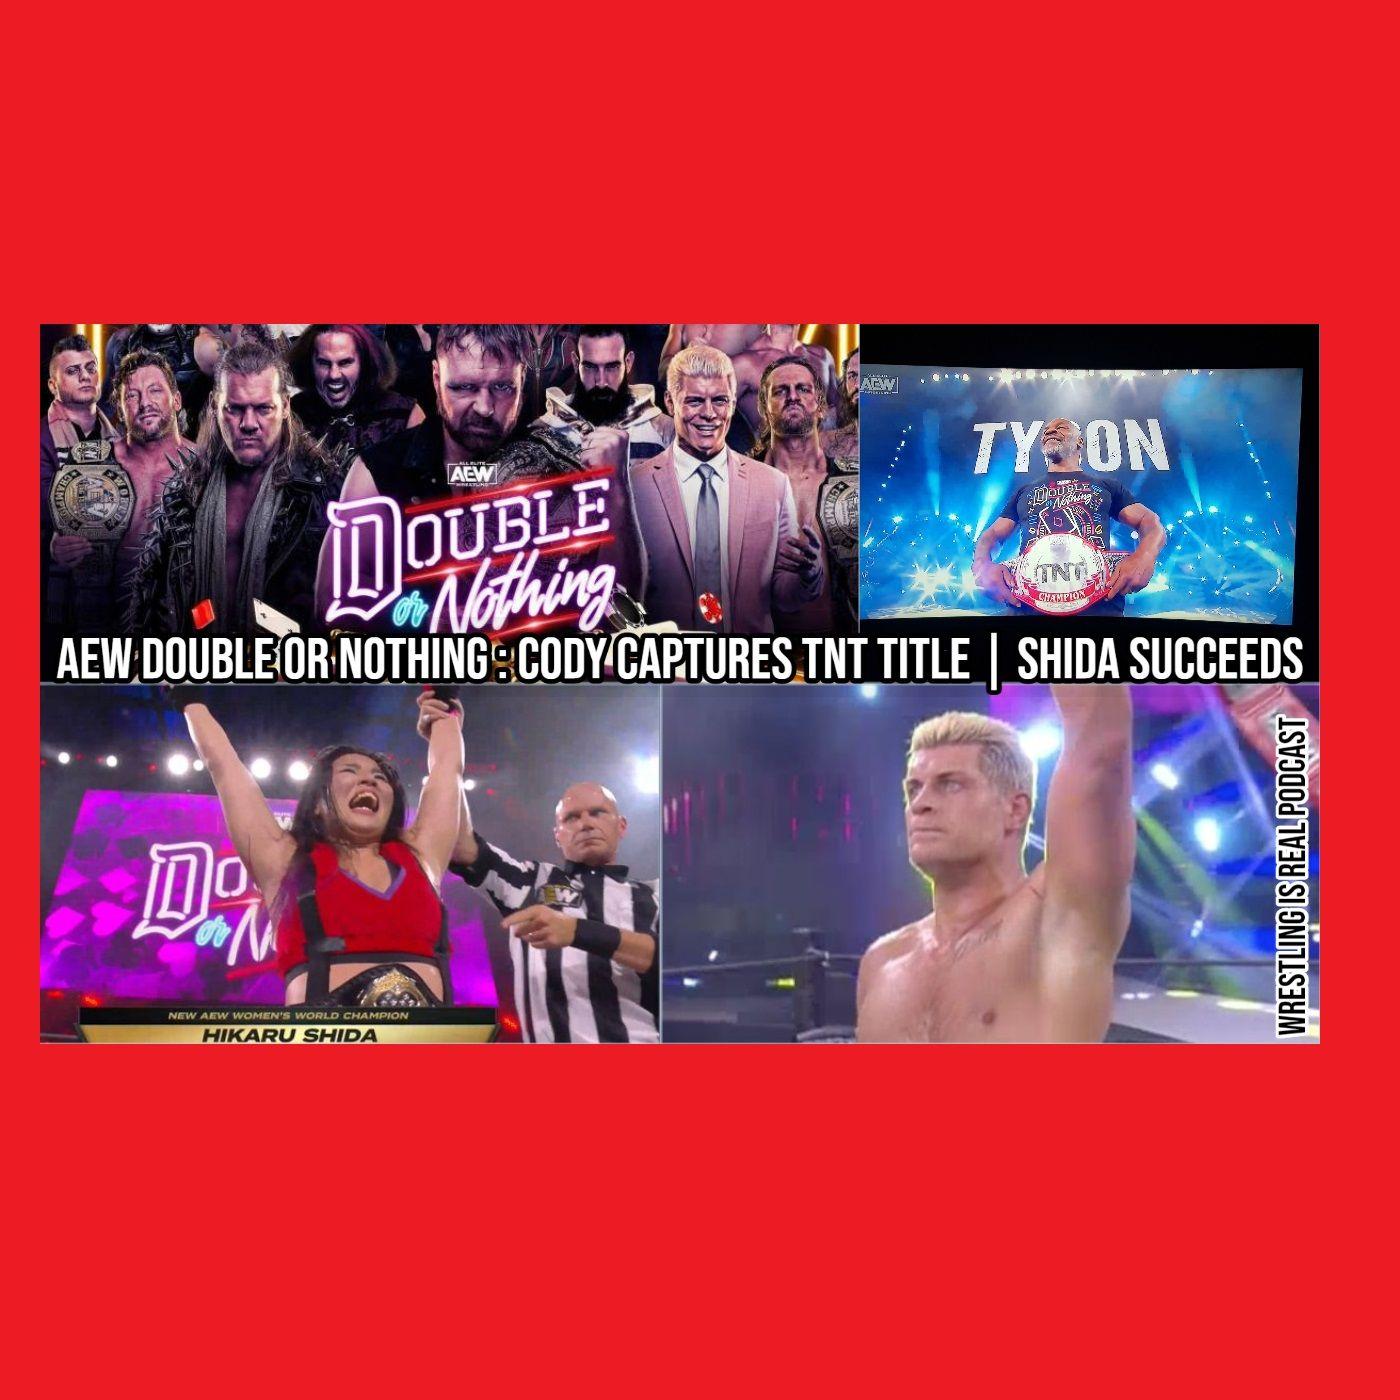 AEW Double or Nothing: Cody Captures TNT Title; Shida Succeeds KOP052420-535